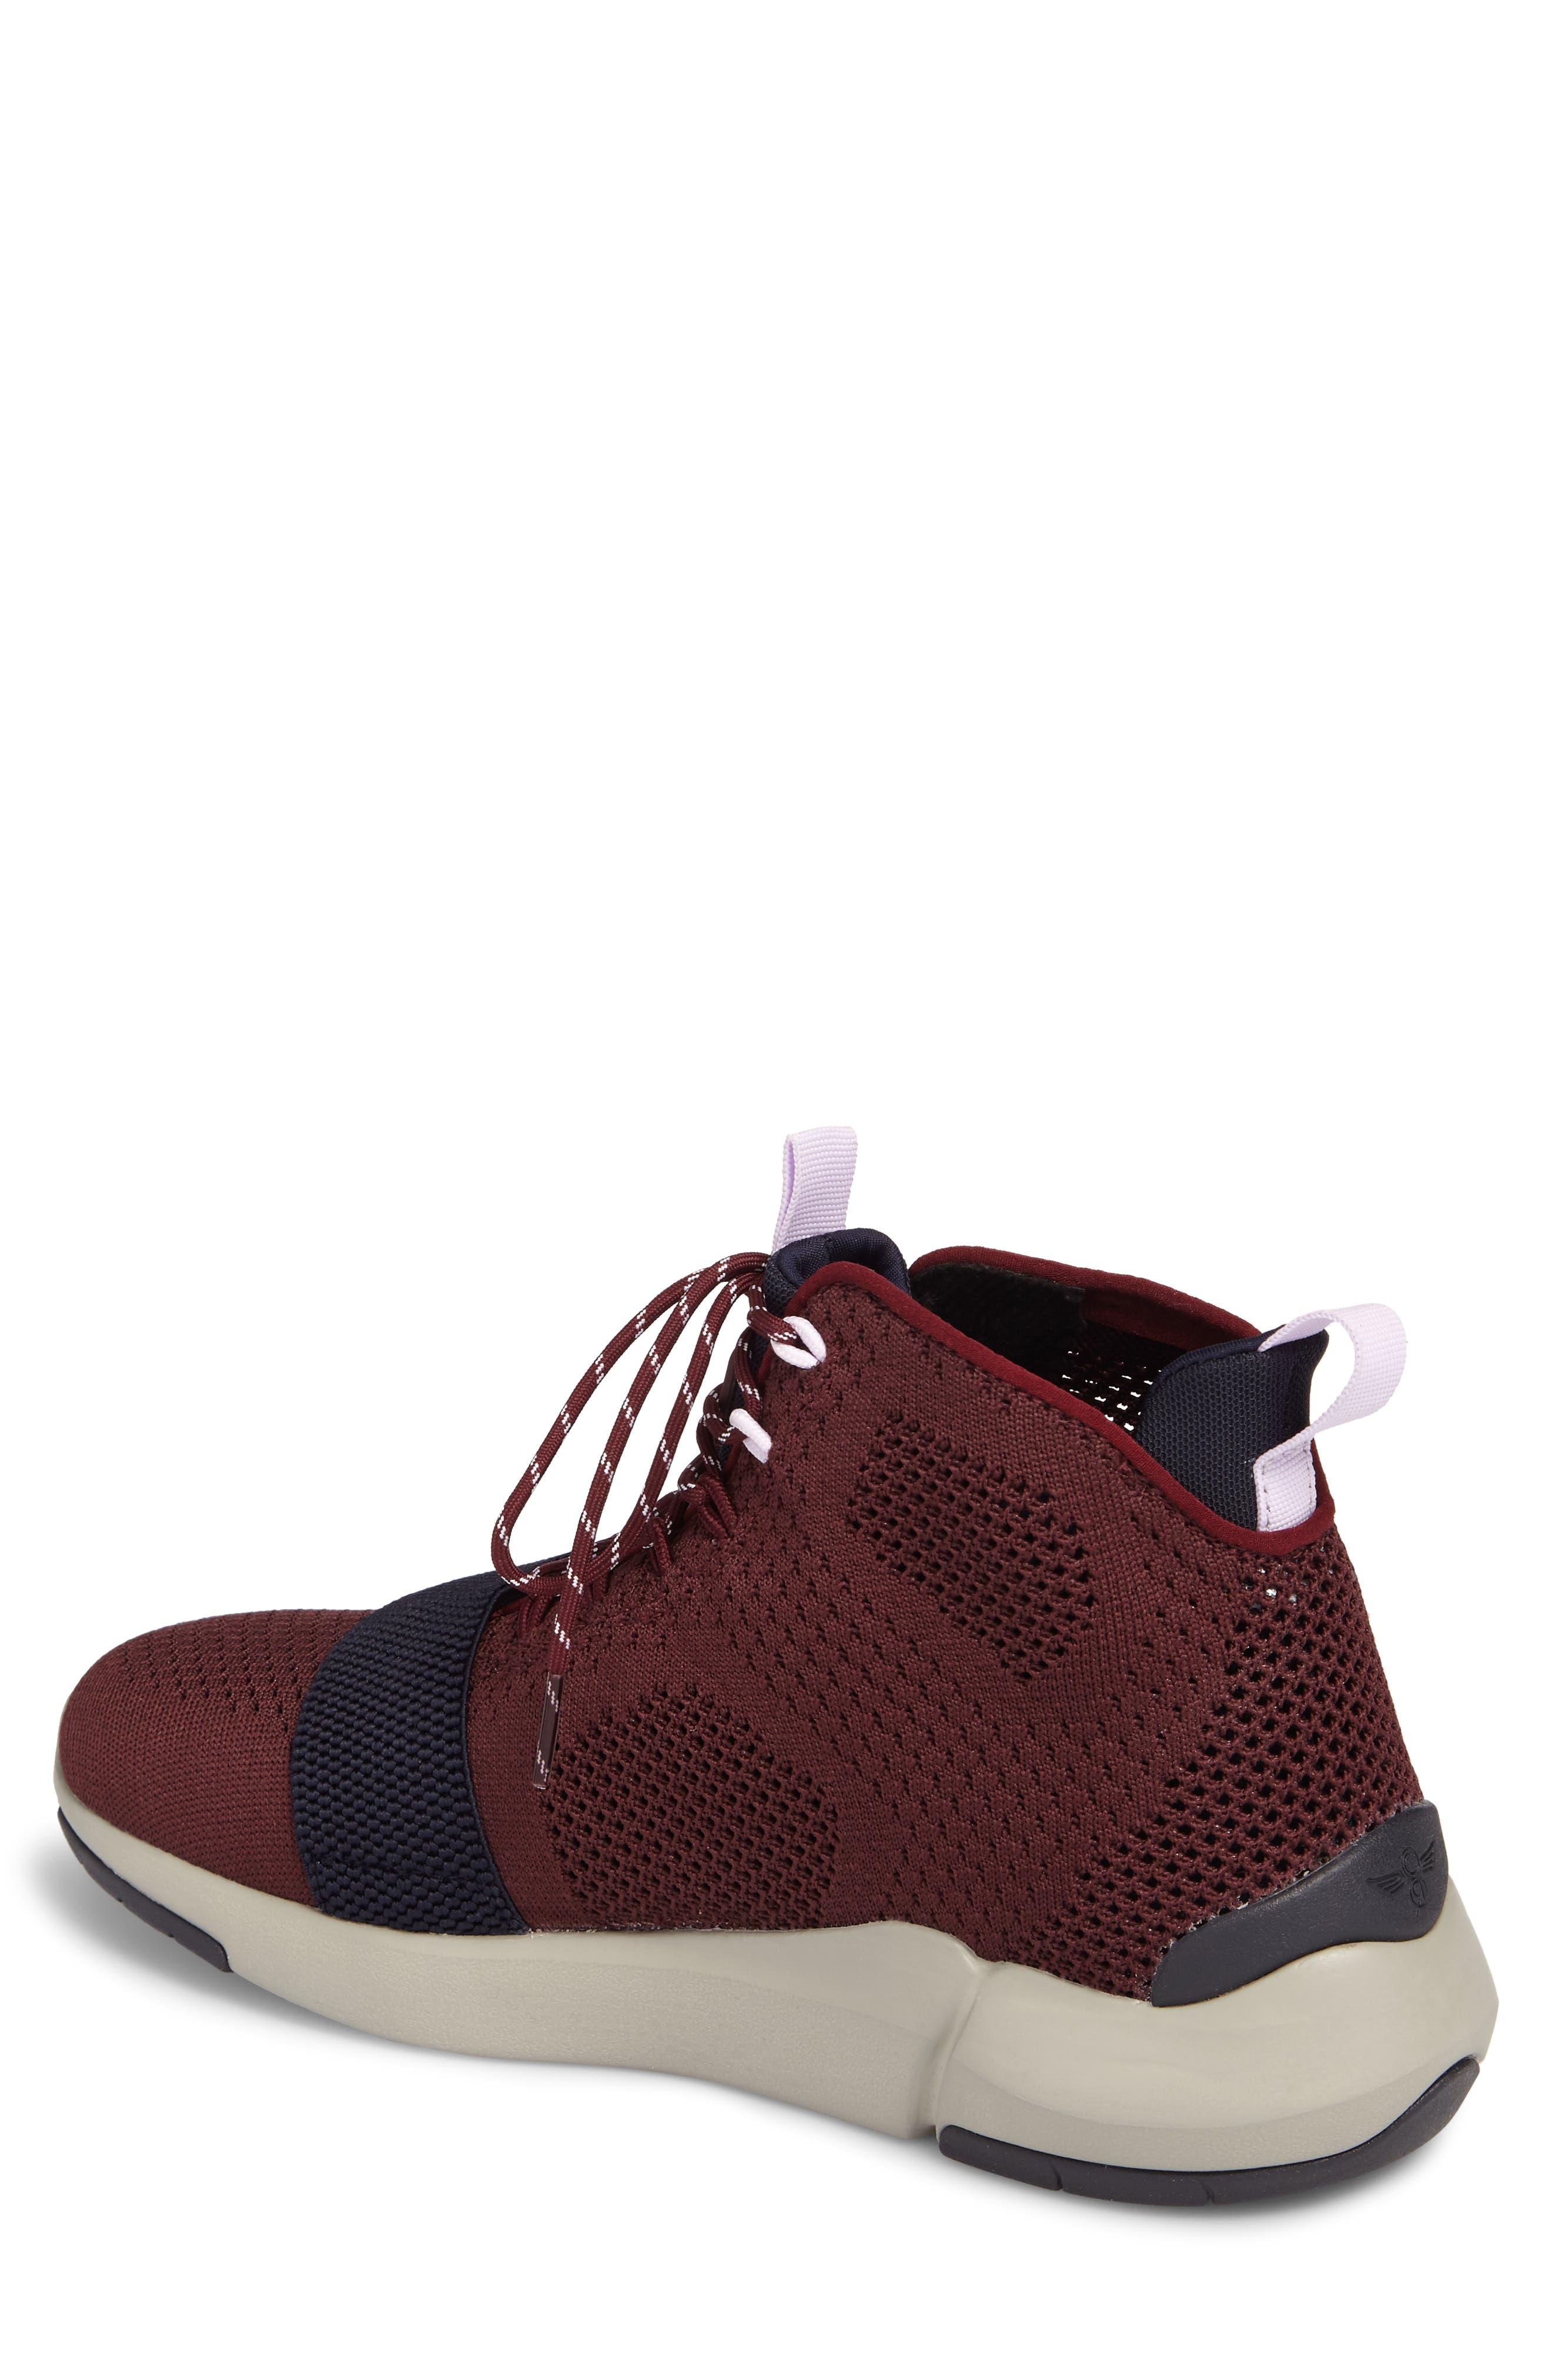 Modica Sneaker,                             Alternate thumbnail 2, color,                             Dark Burgundy Navy